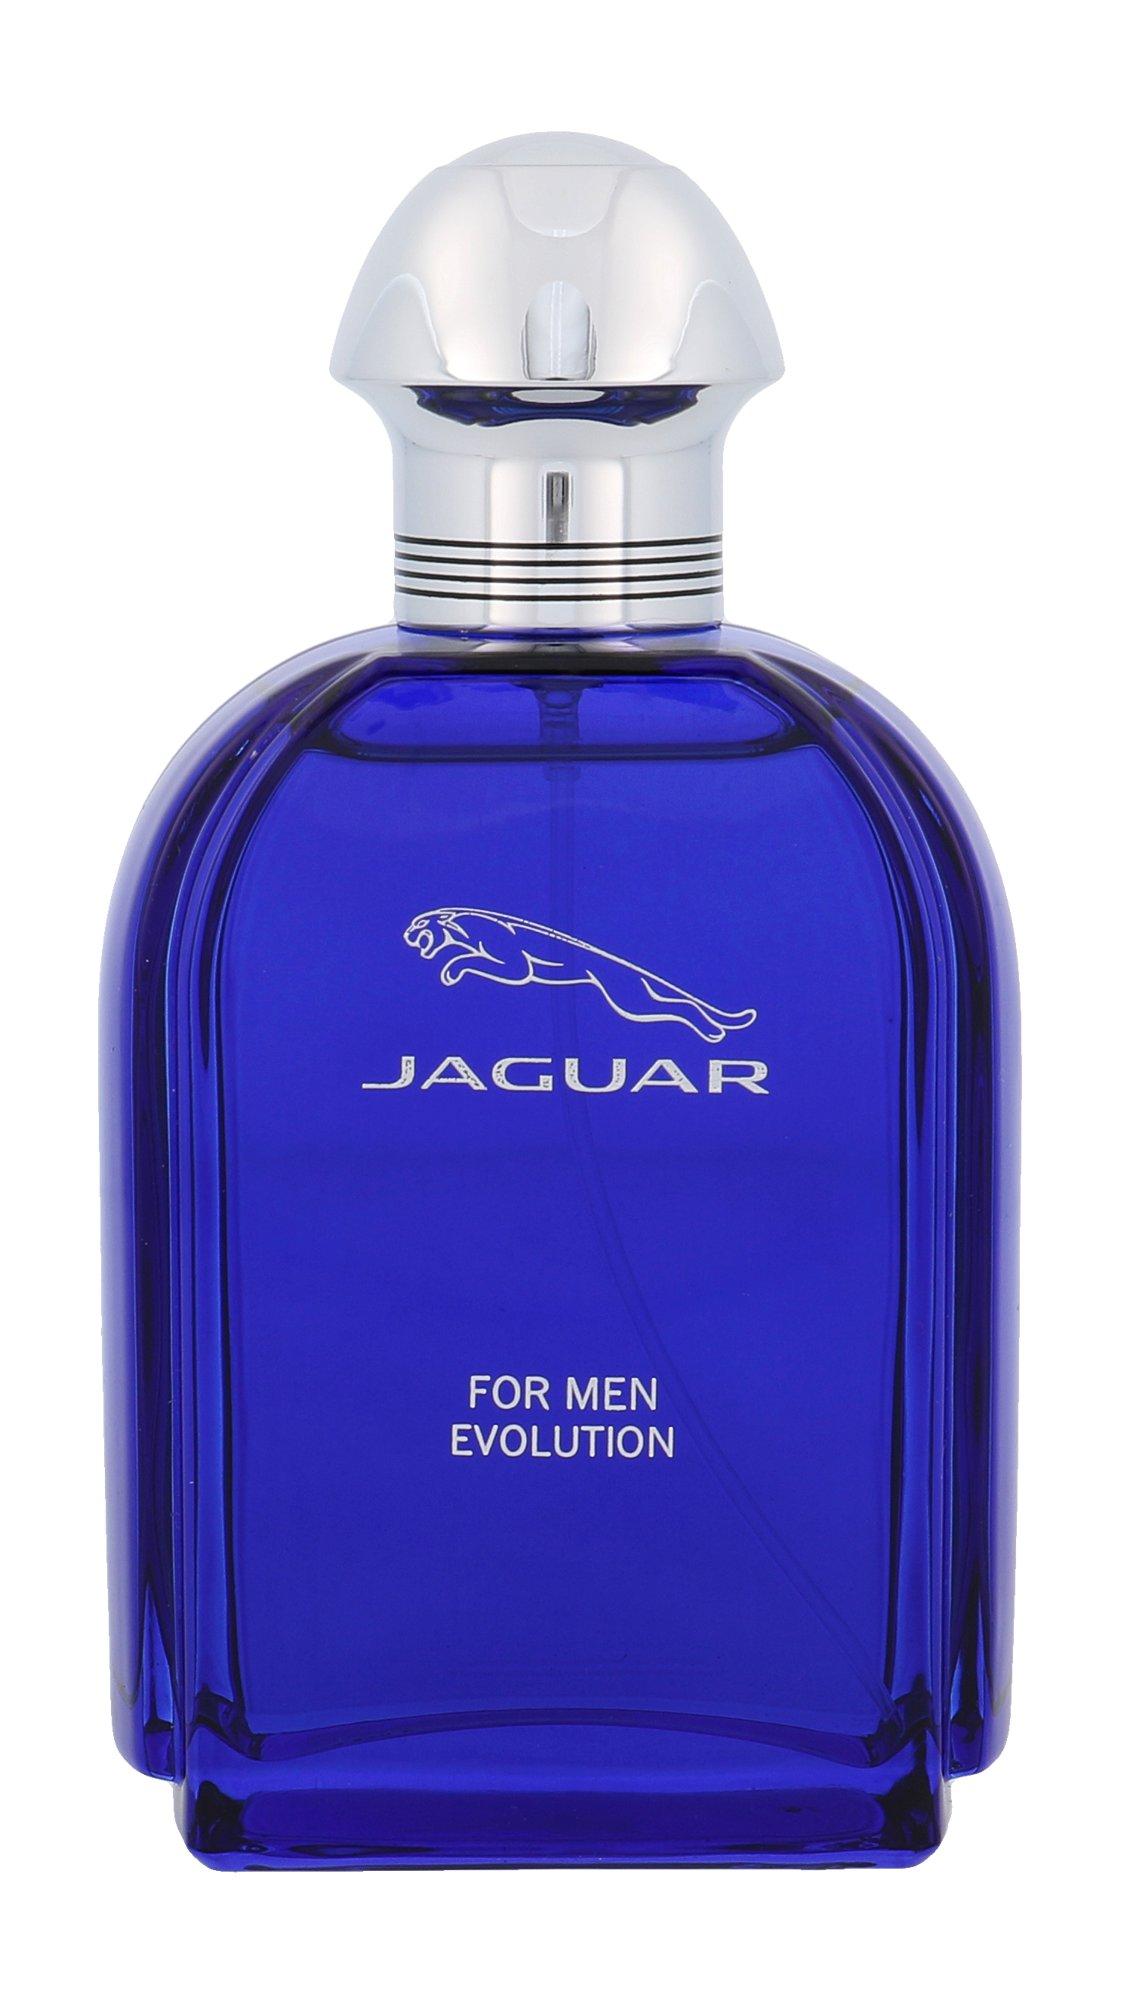 Jaguar For Men Evolution, edt 90ml - Teszter